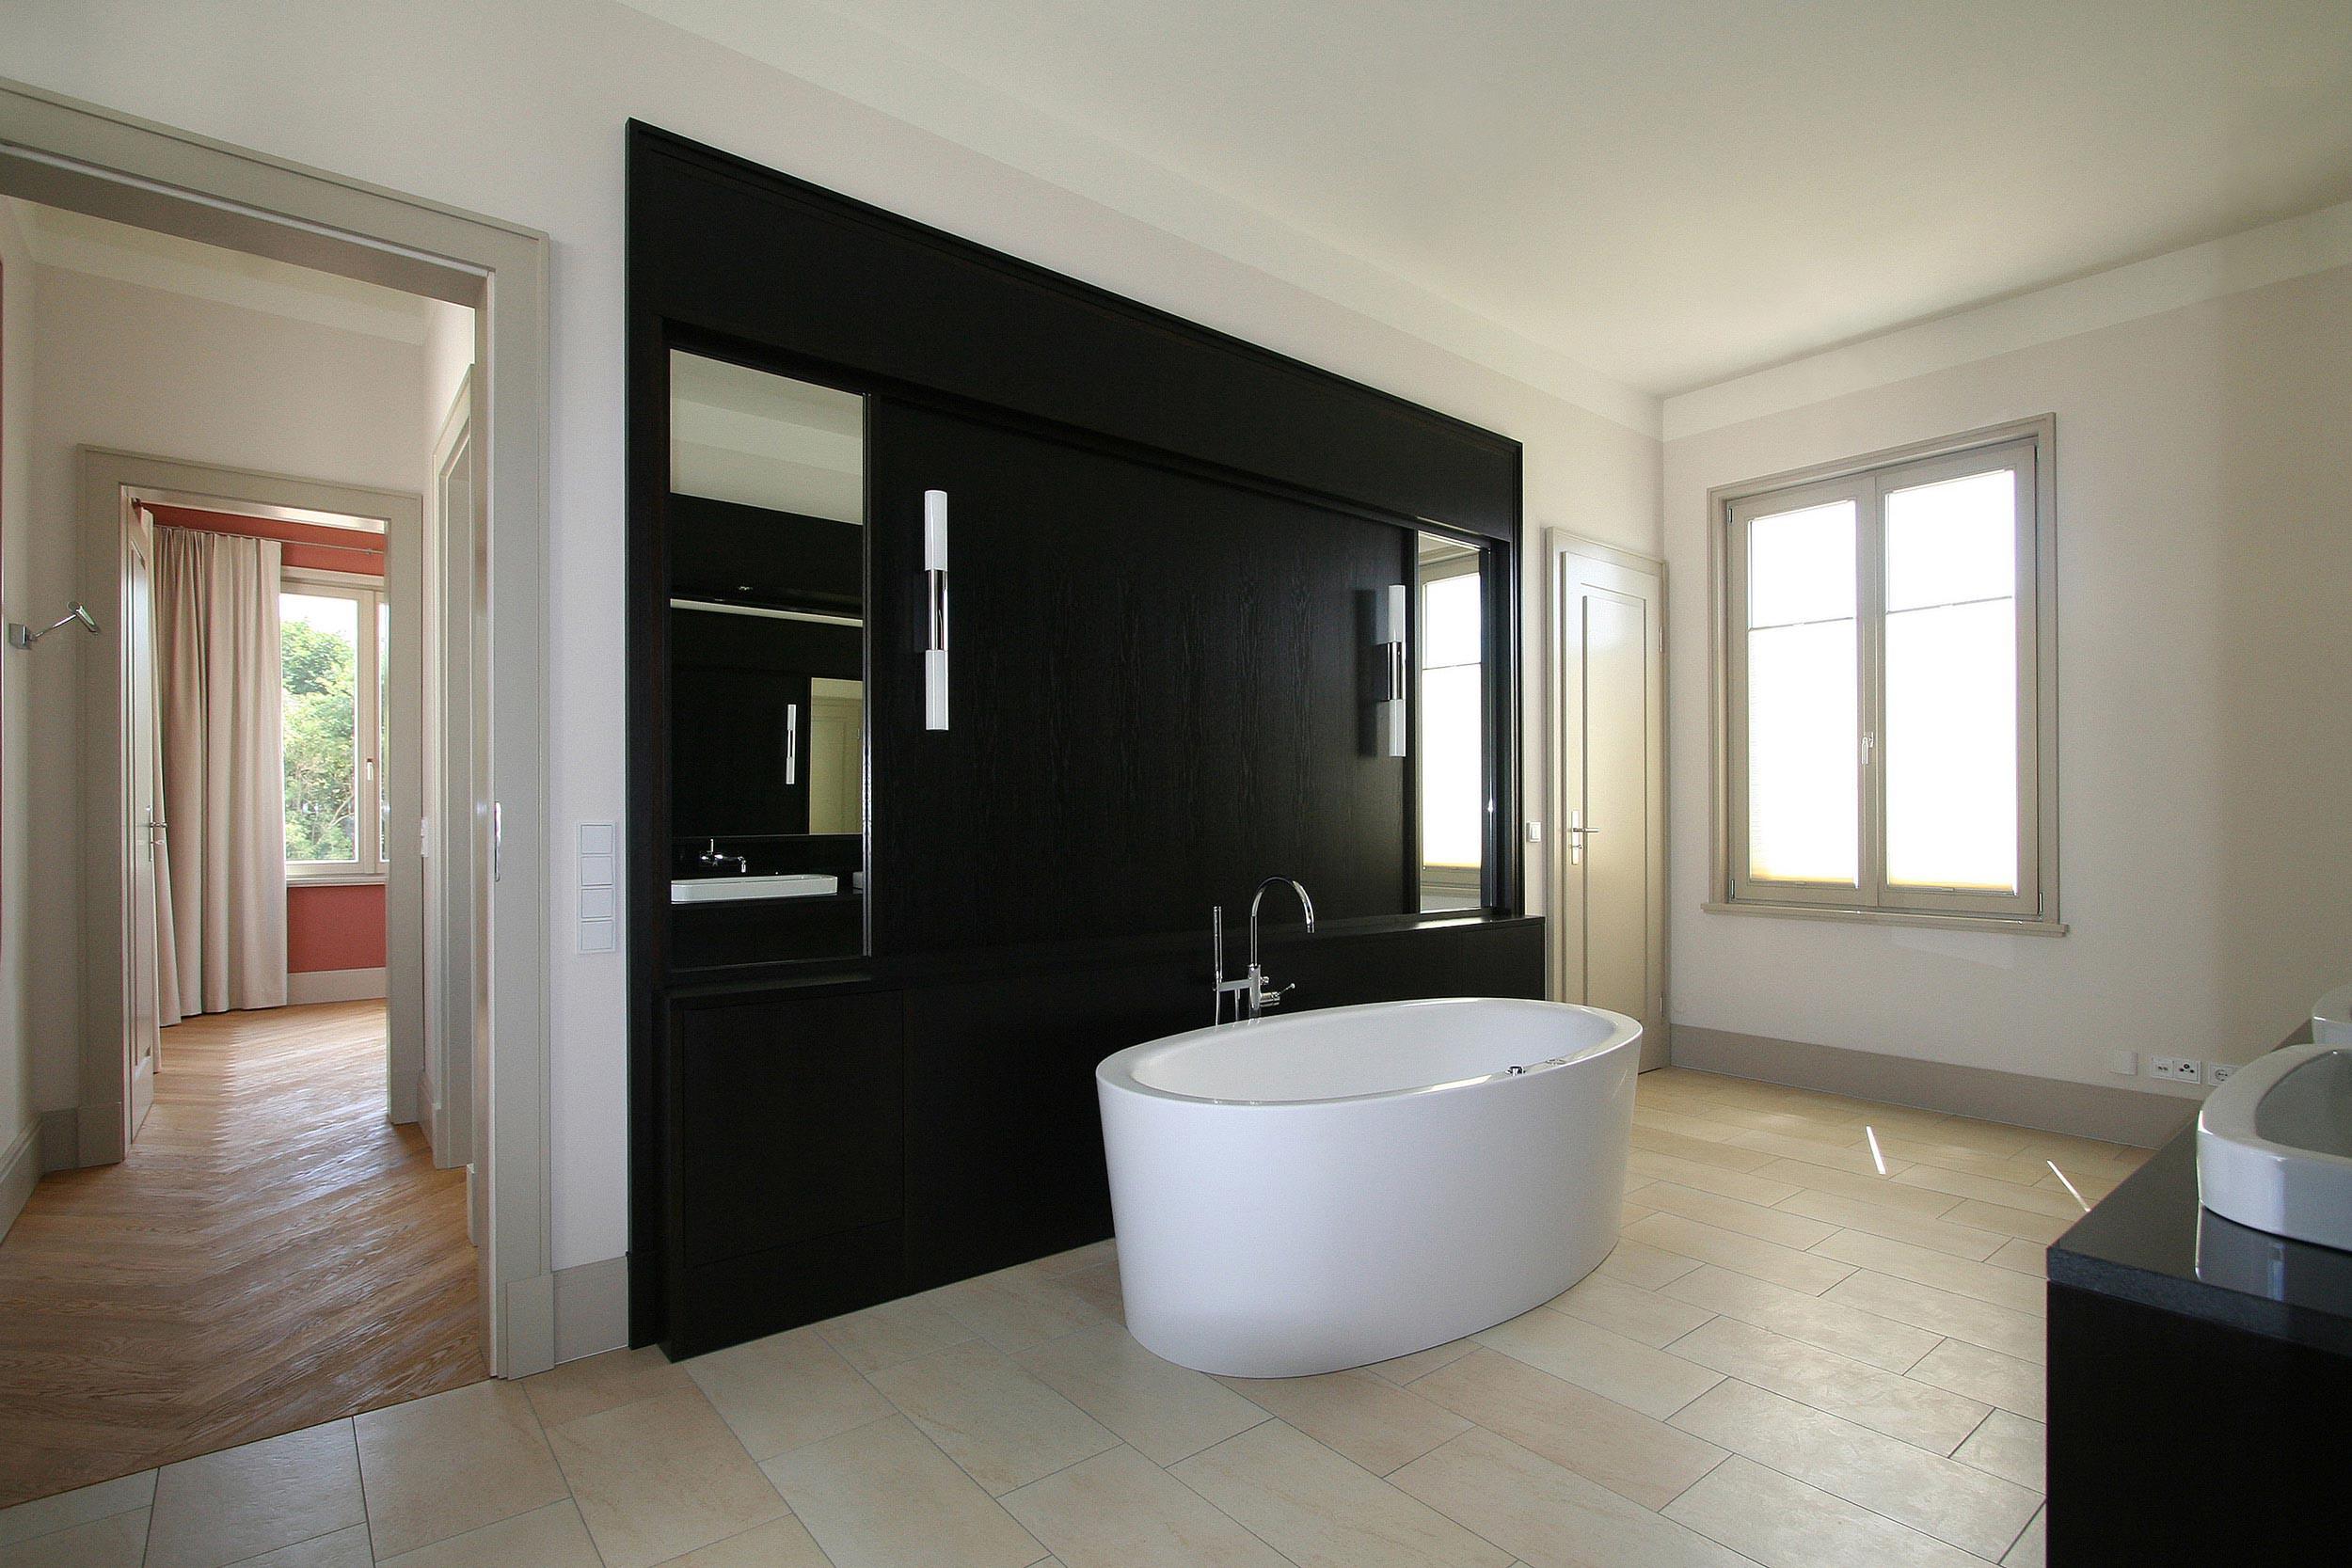 KLASSIK UND TRADITION - Neubau klassizistische Villa - Das Masterbad mit frei stehendem Whirlpool und Wandverkleidung.